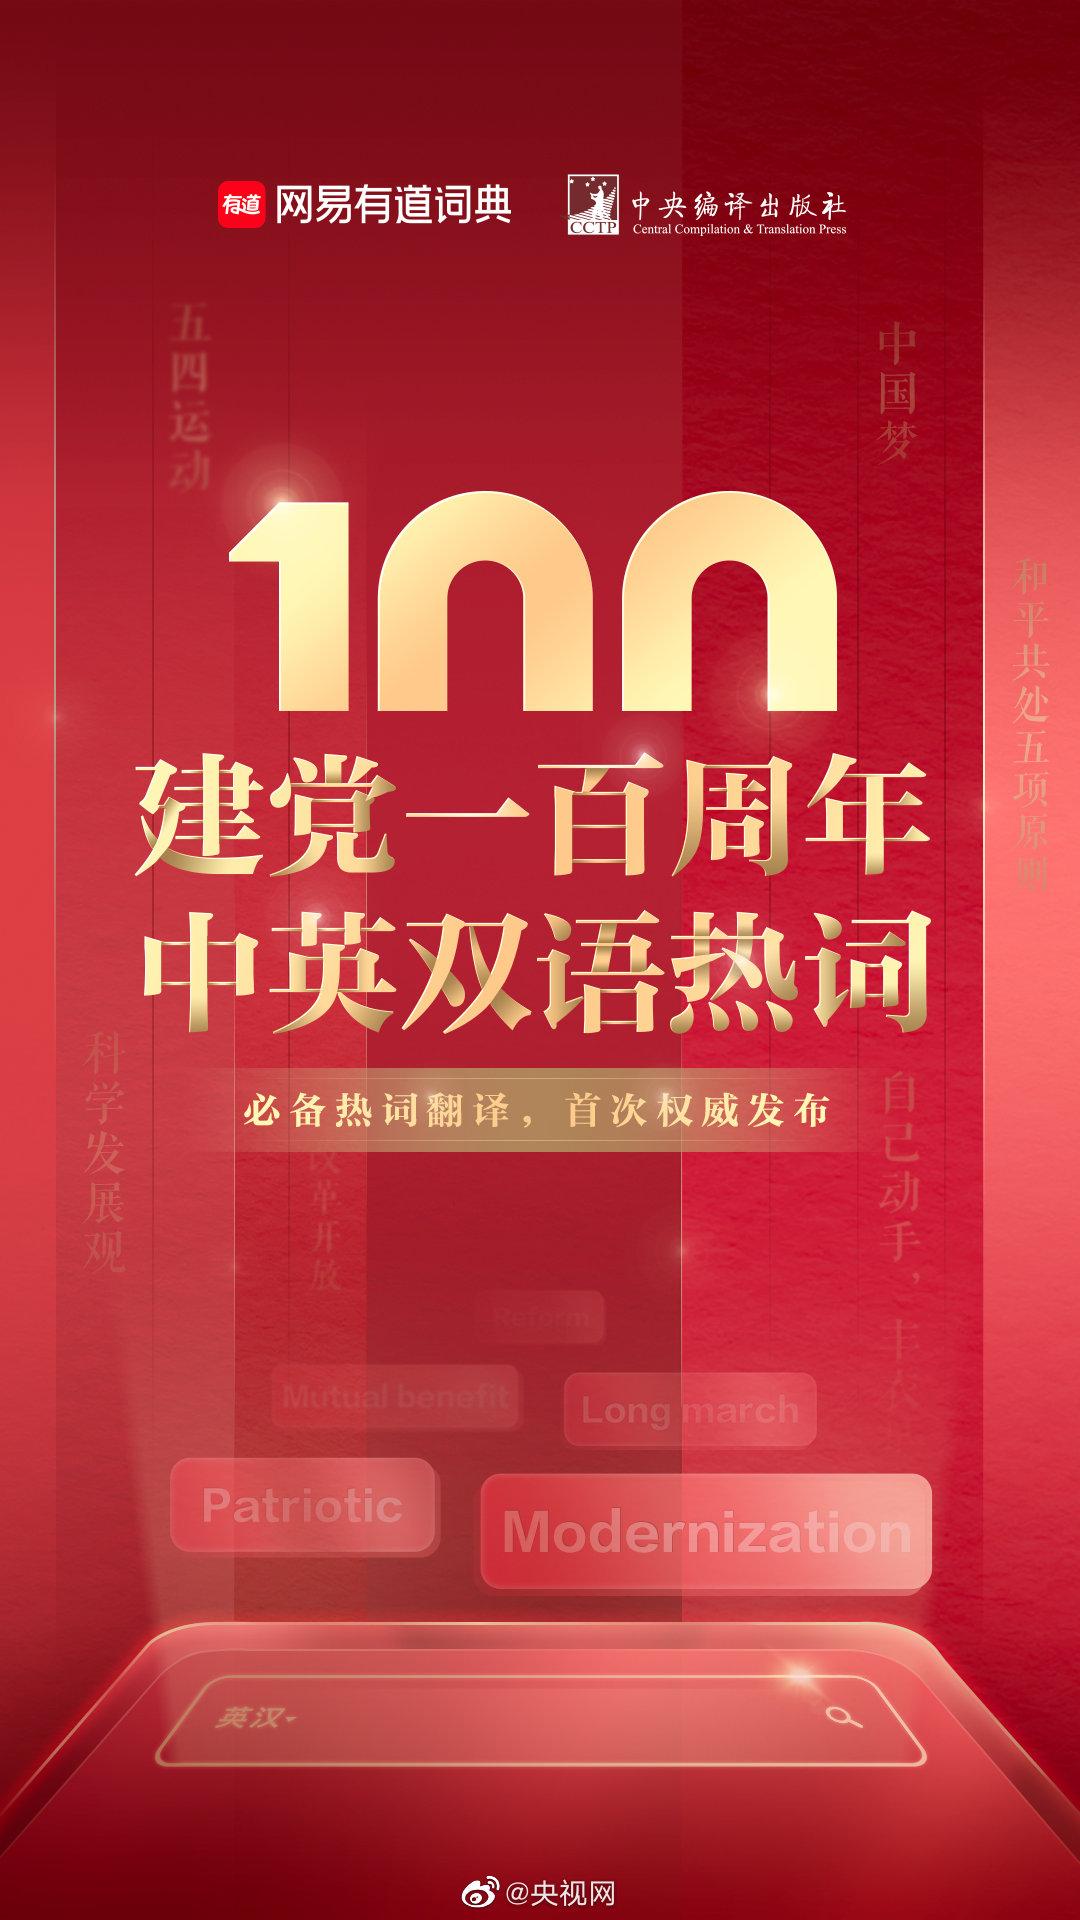 建党100周年双语热词 权威发布